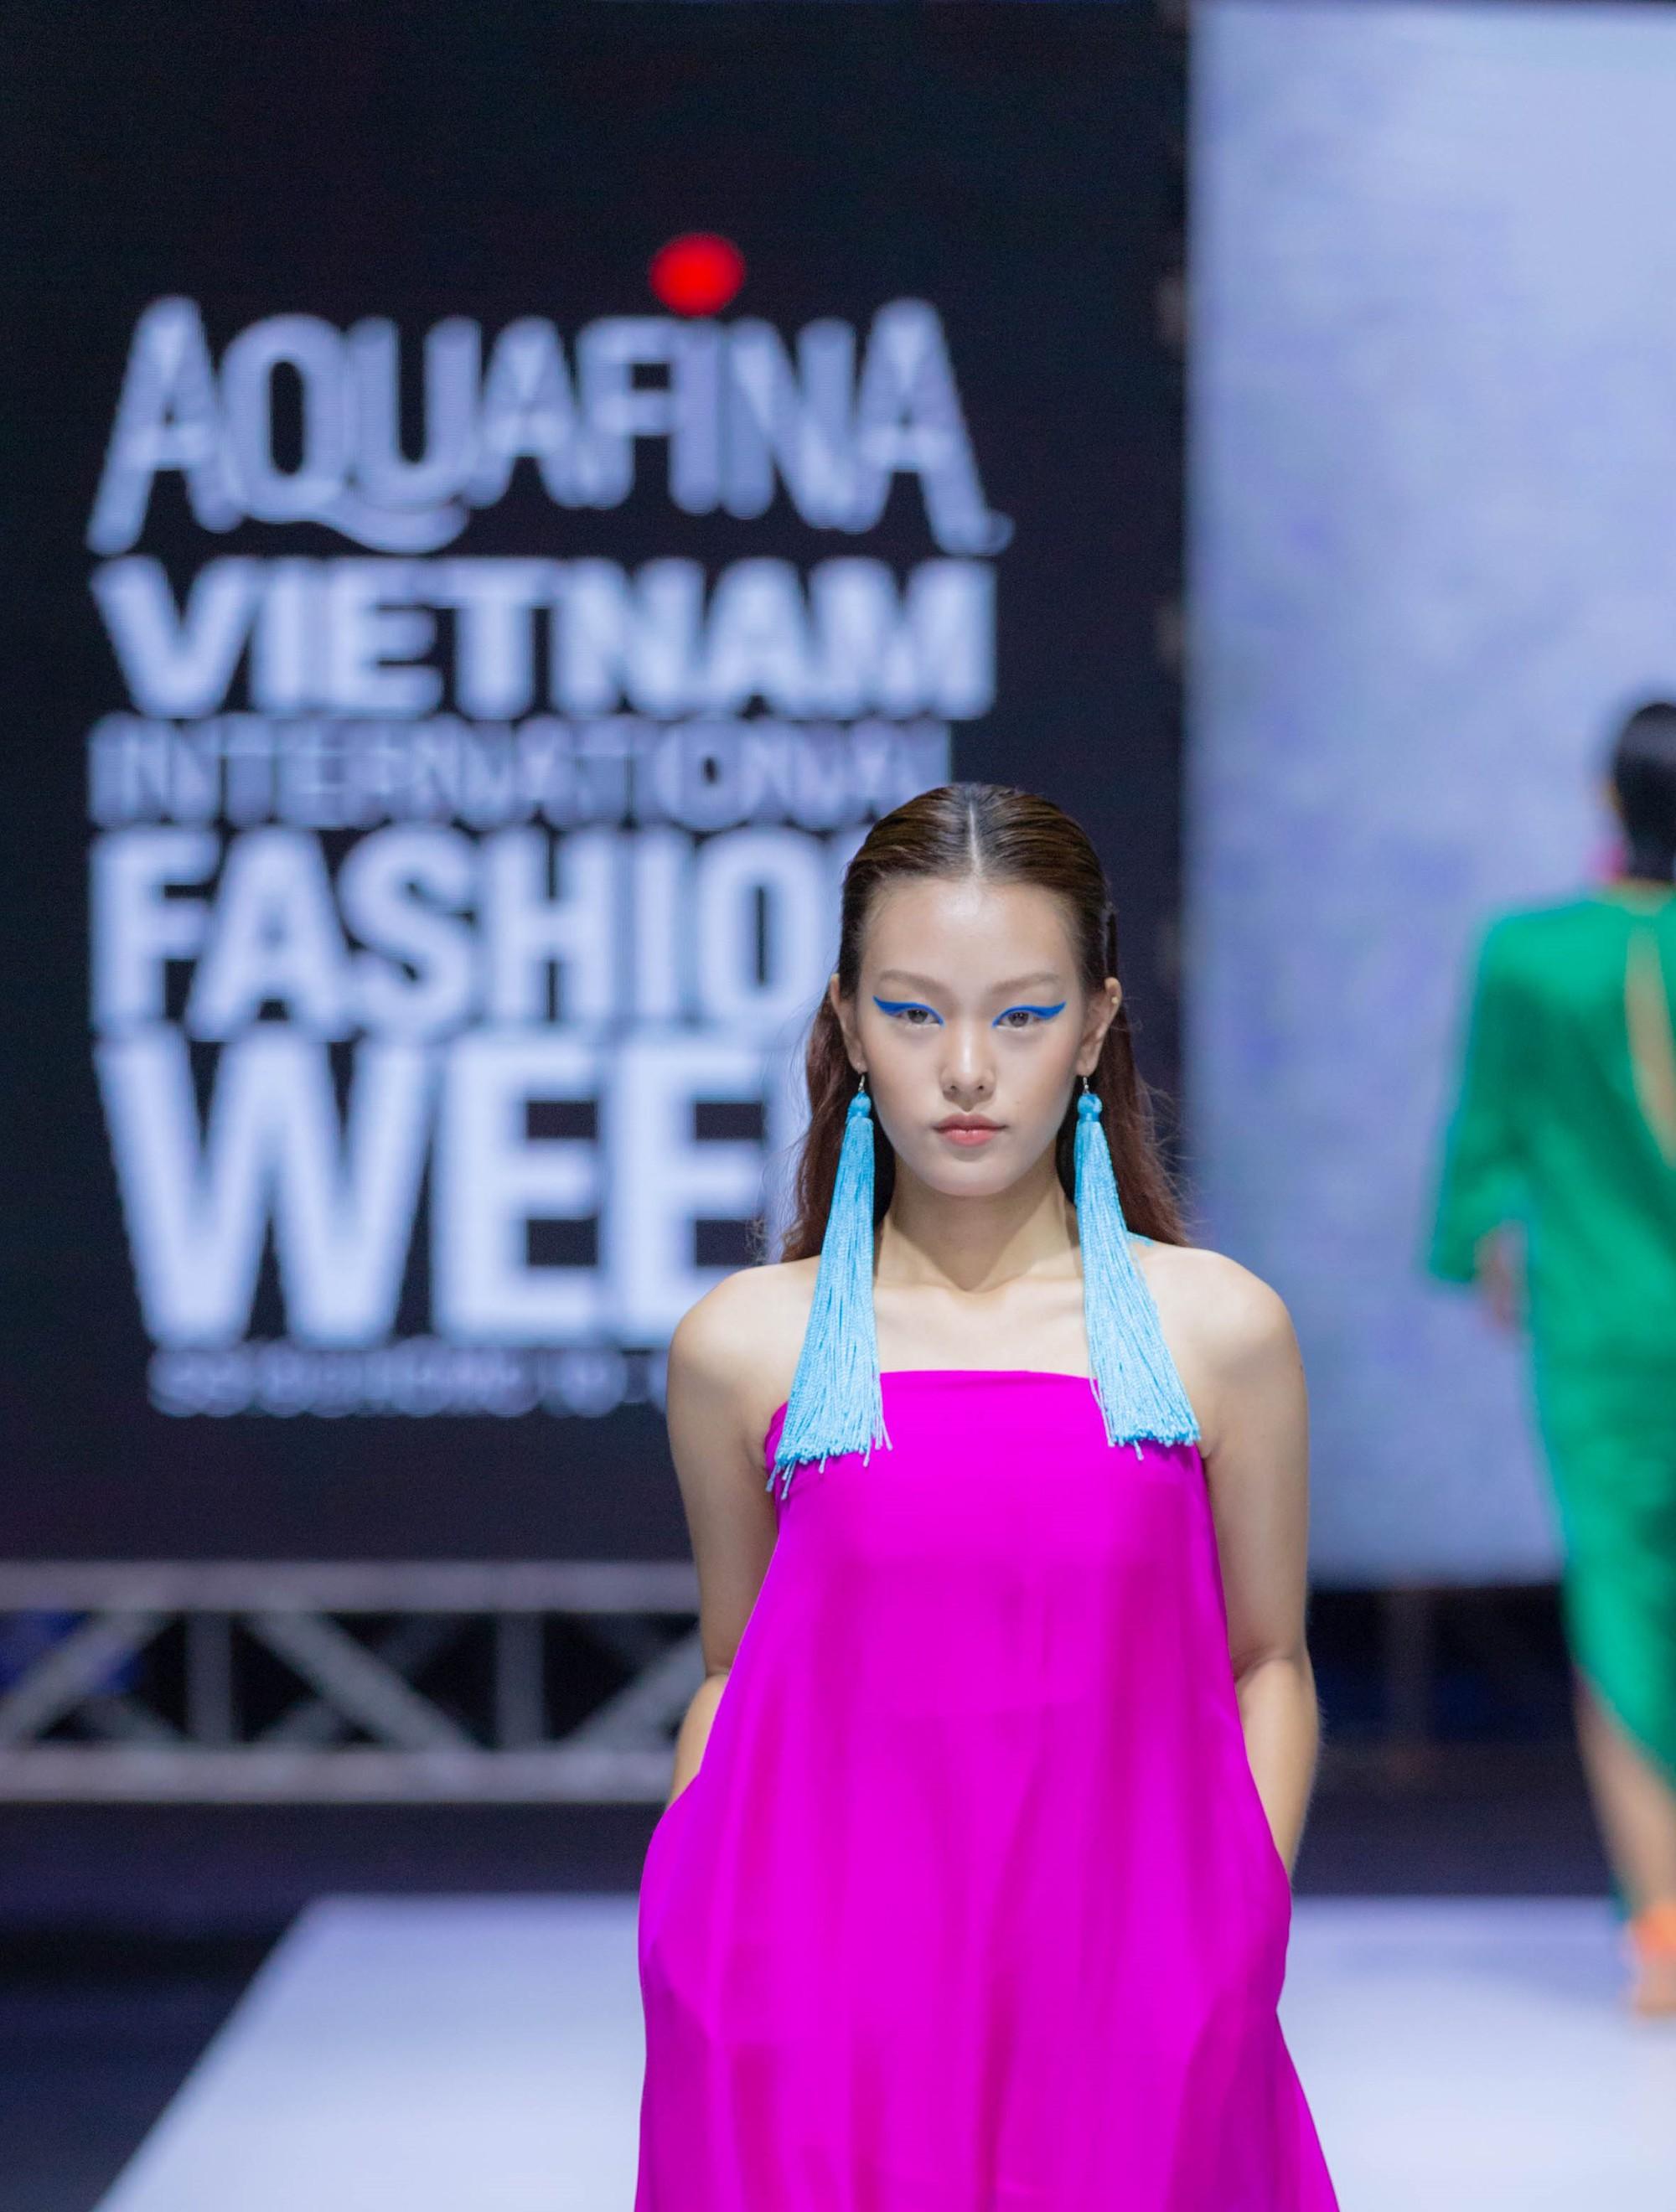 Những xu hướng trang điểm gây sốt tại Tuần lễ thời trang Việt Nam 2019  - Ảnh 4.